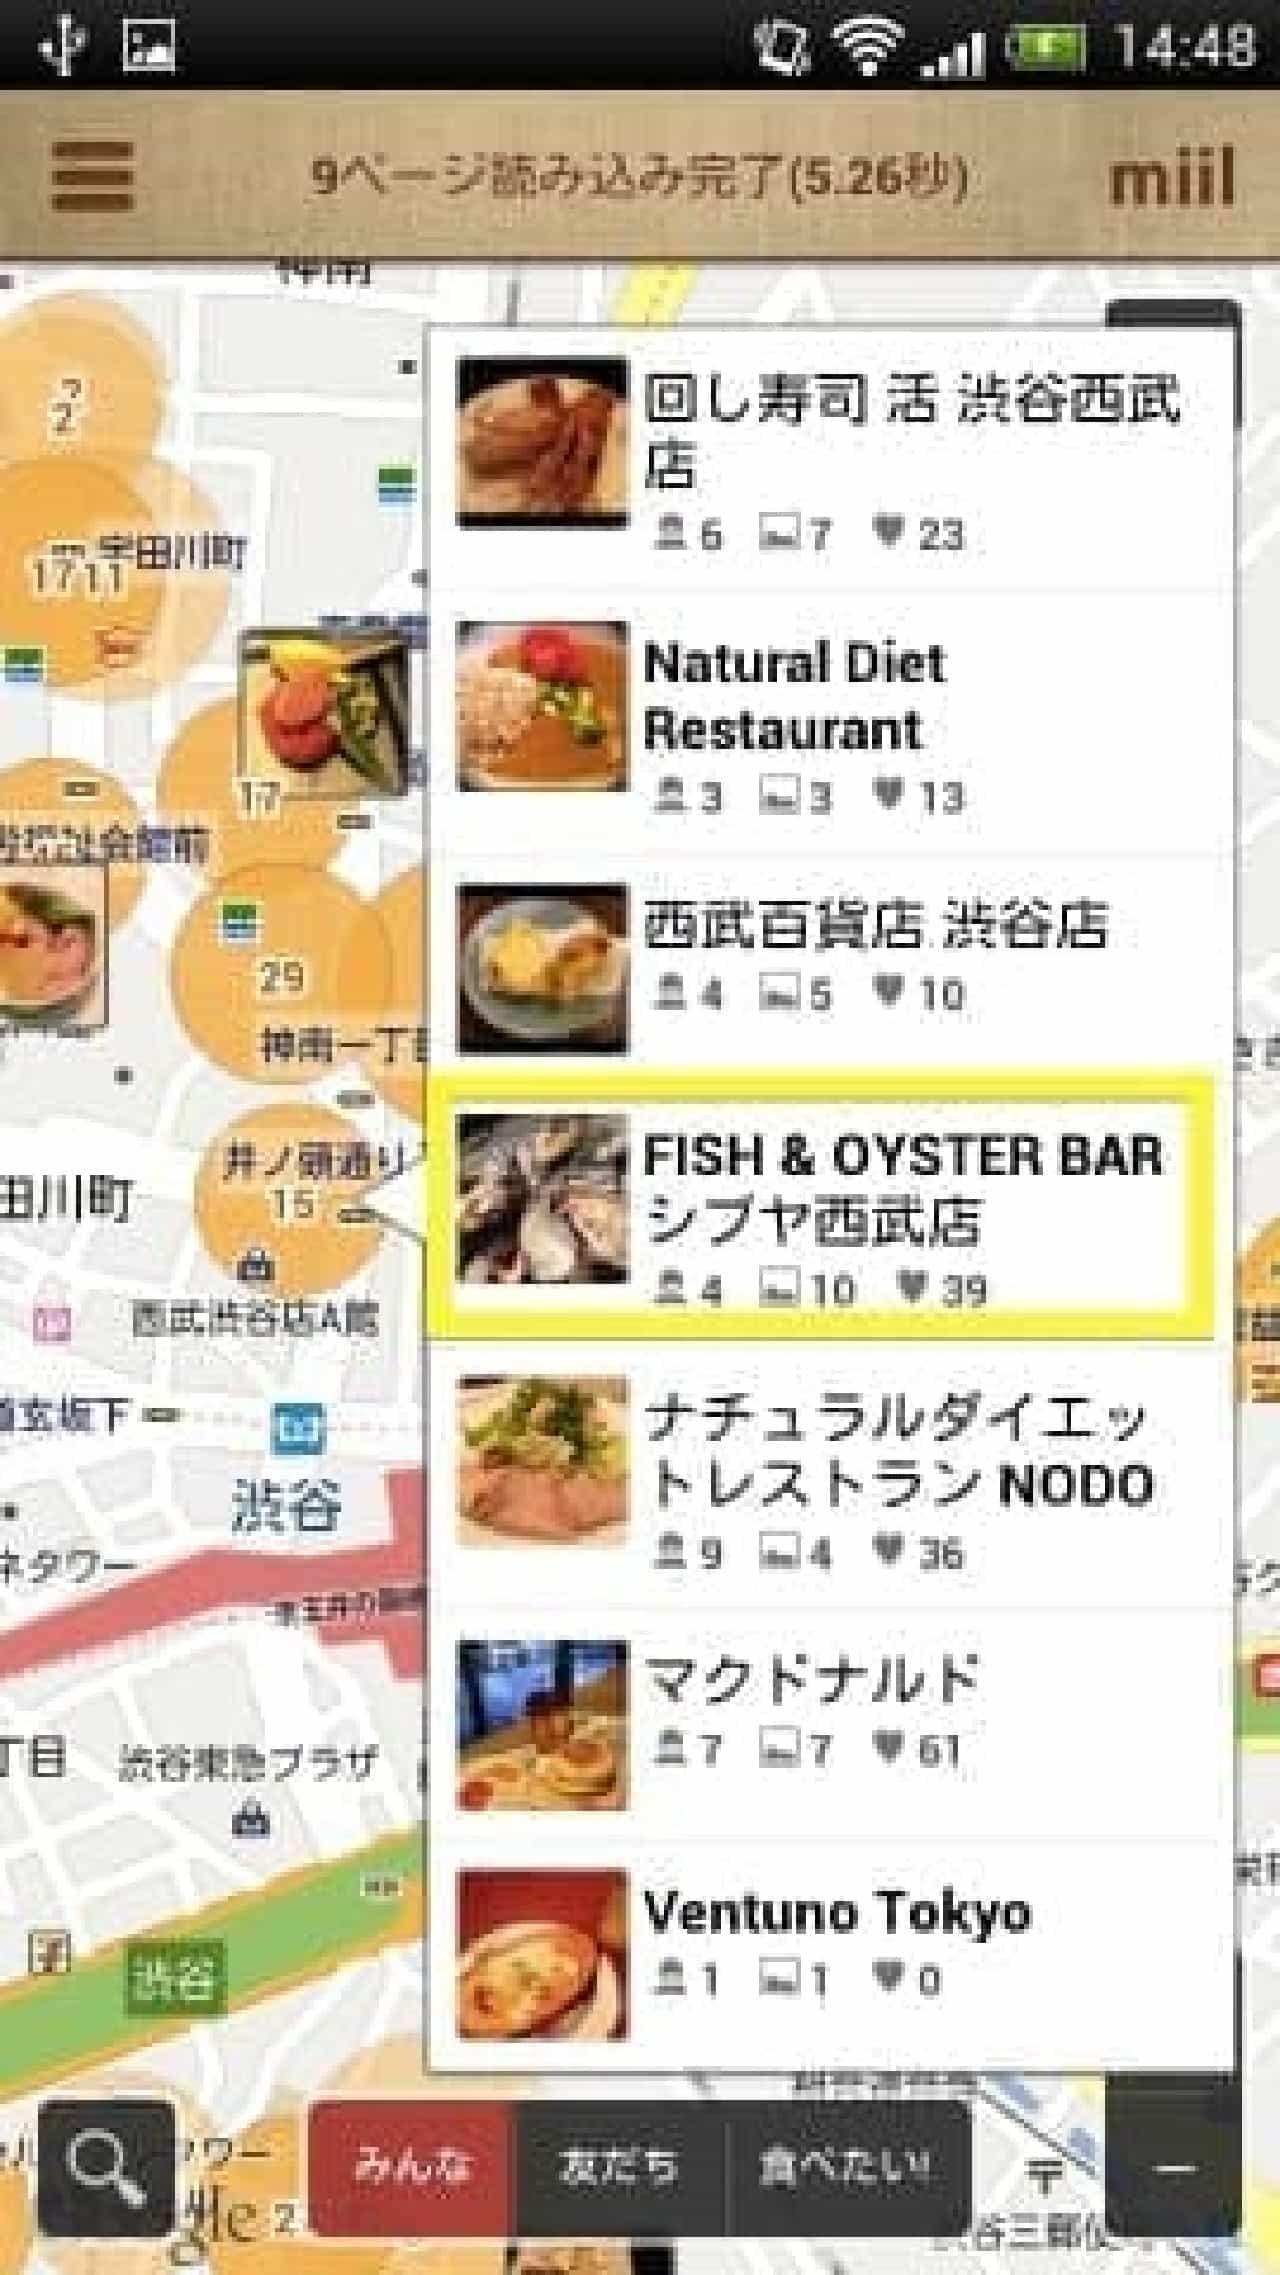 地名を検索して、その周辺の飲食店を探せる